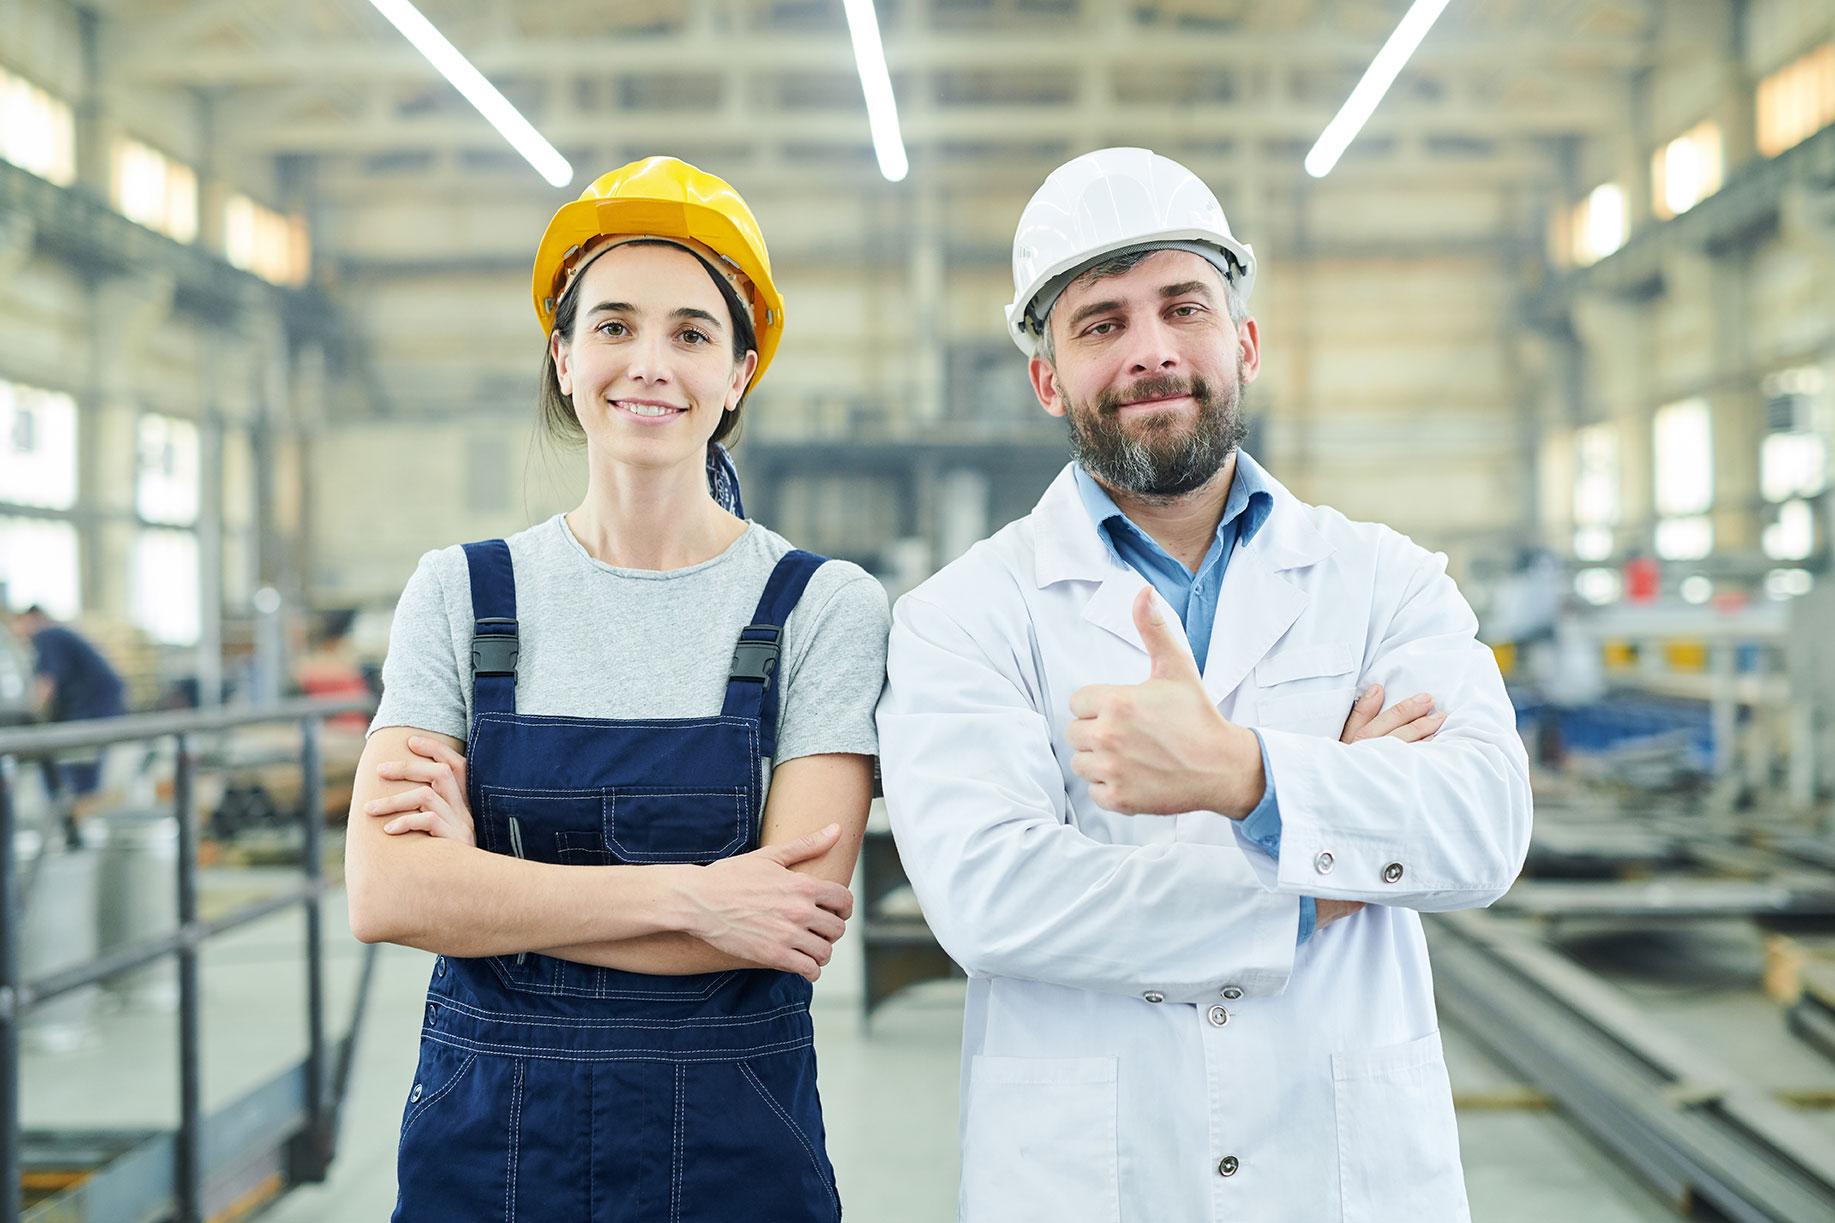 #003 Chiedigli se sono felici: La soddisfazione dei lavoratori italiani e le dimensioni della qualità del lavoro.